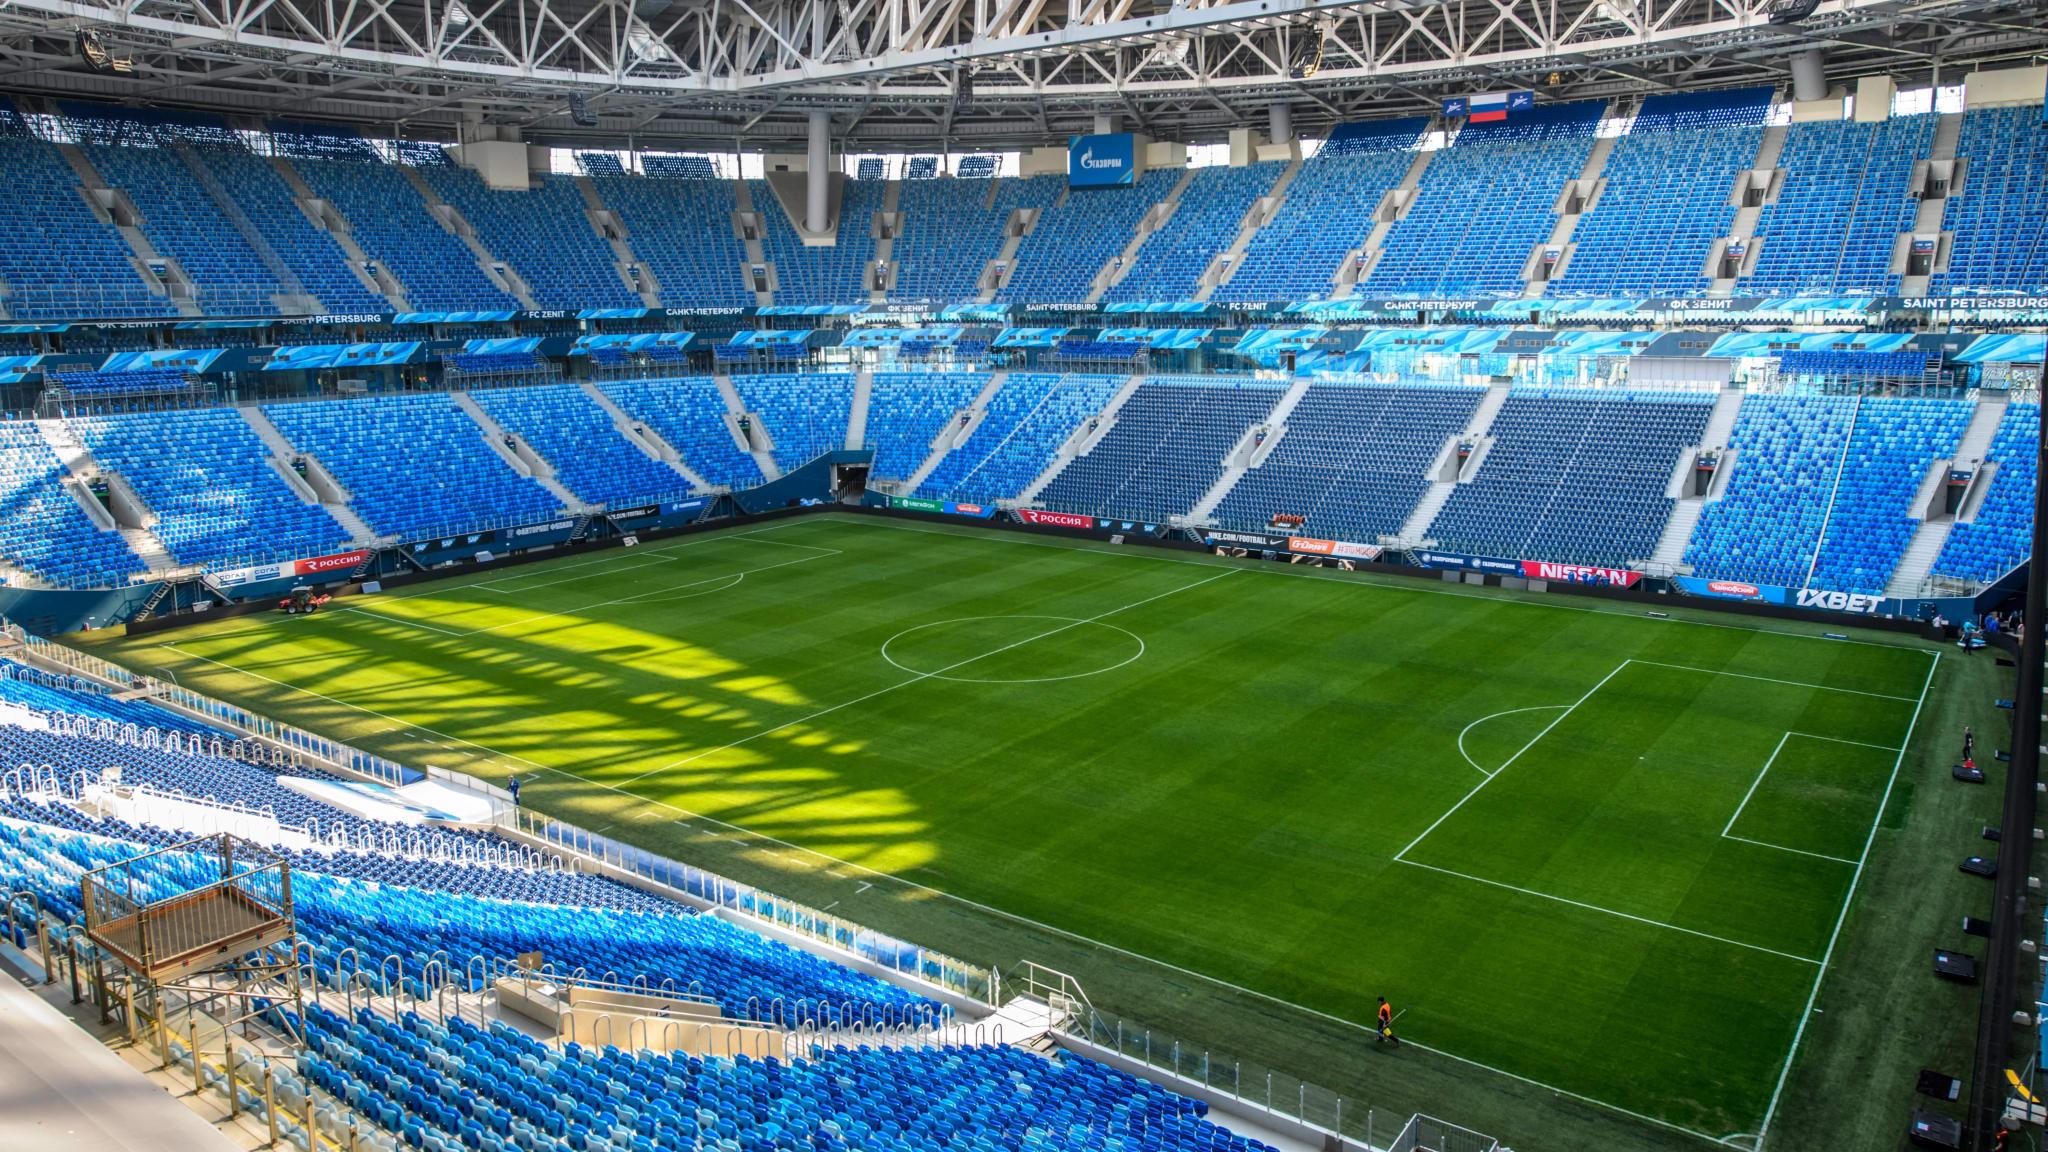 2018世界杯足球赛直播-圣彼得堡体育场